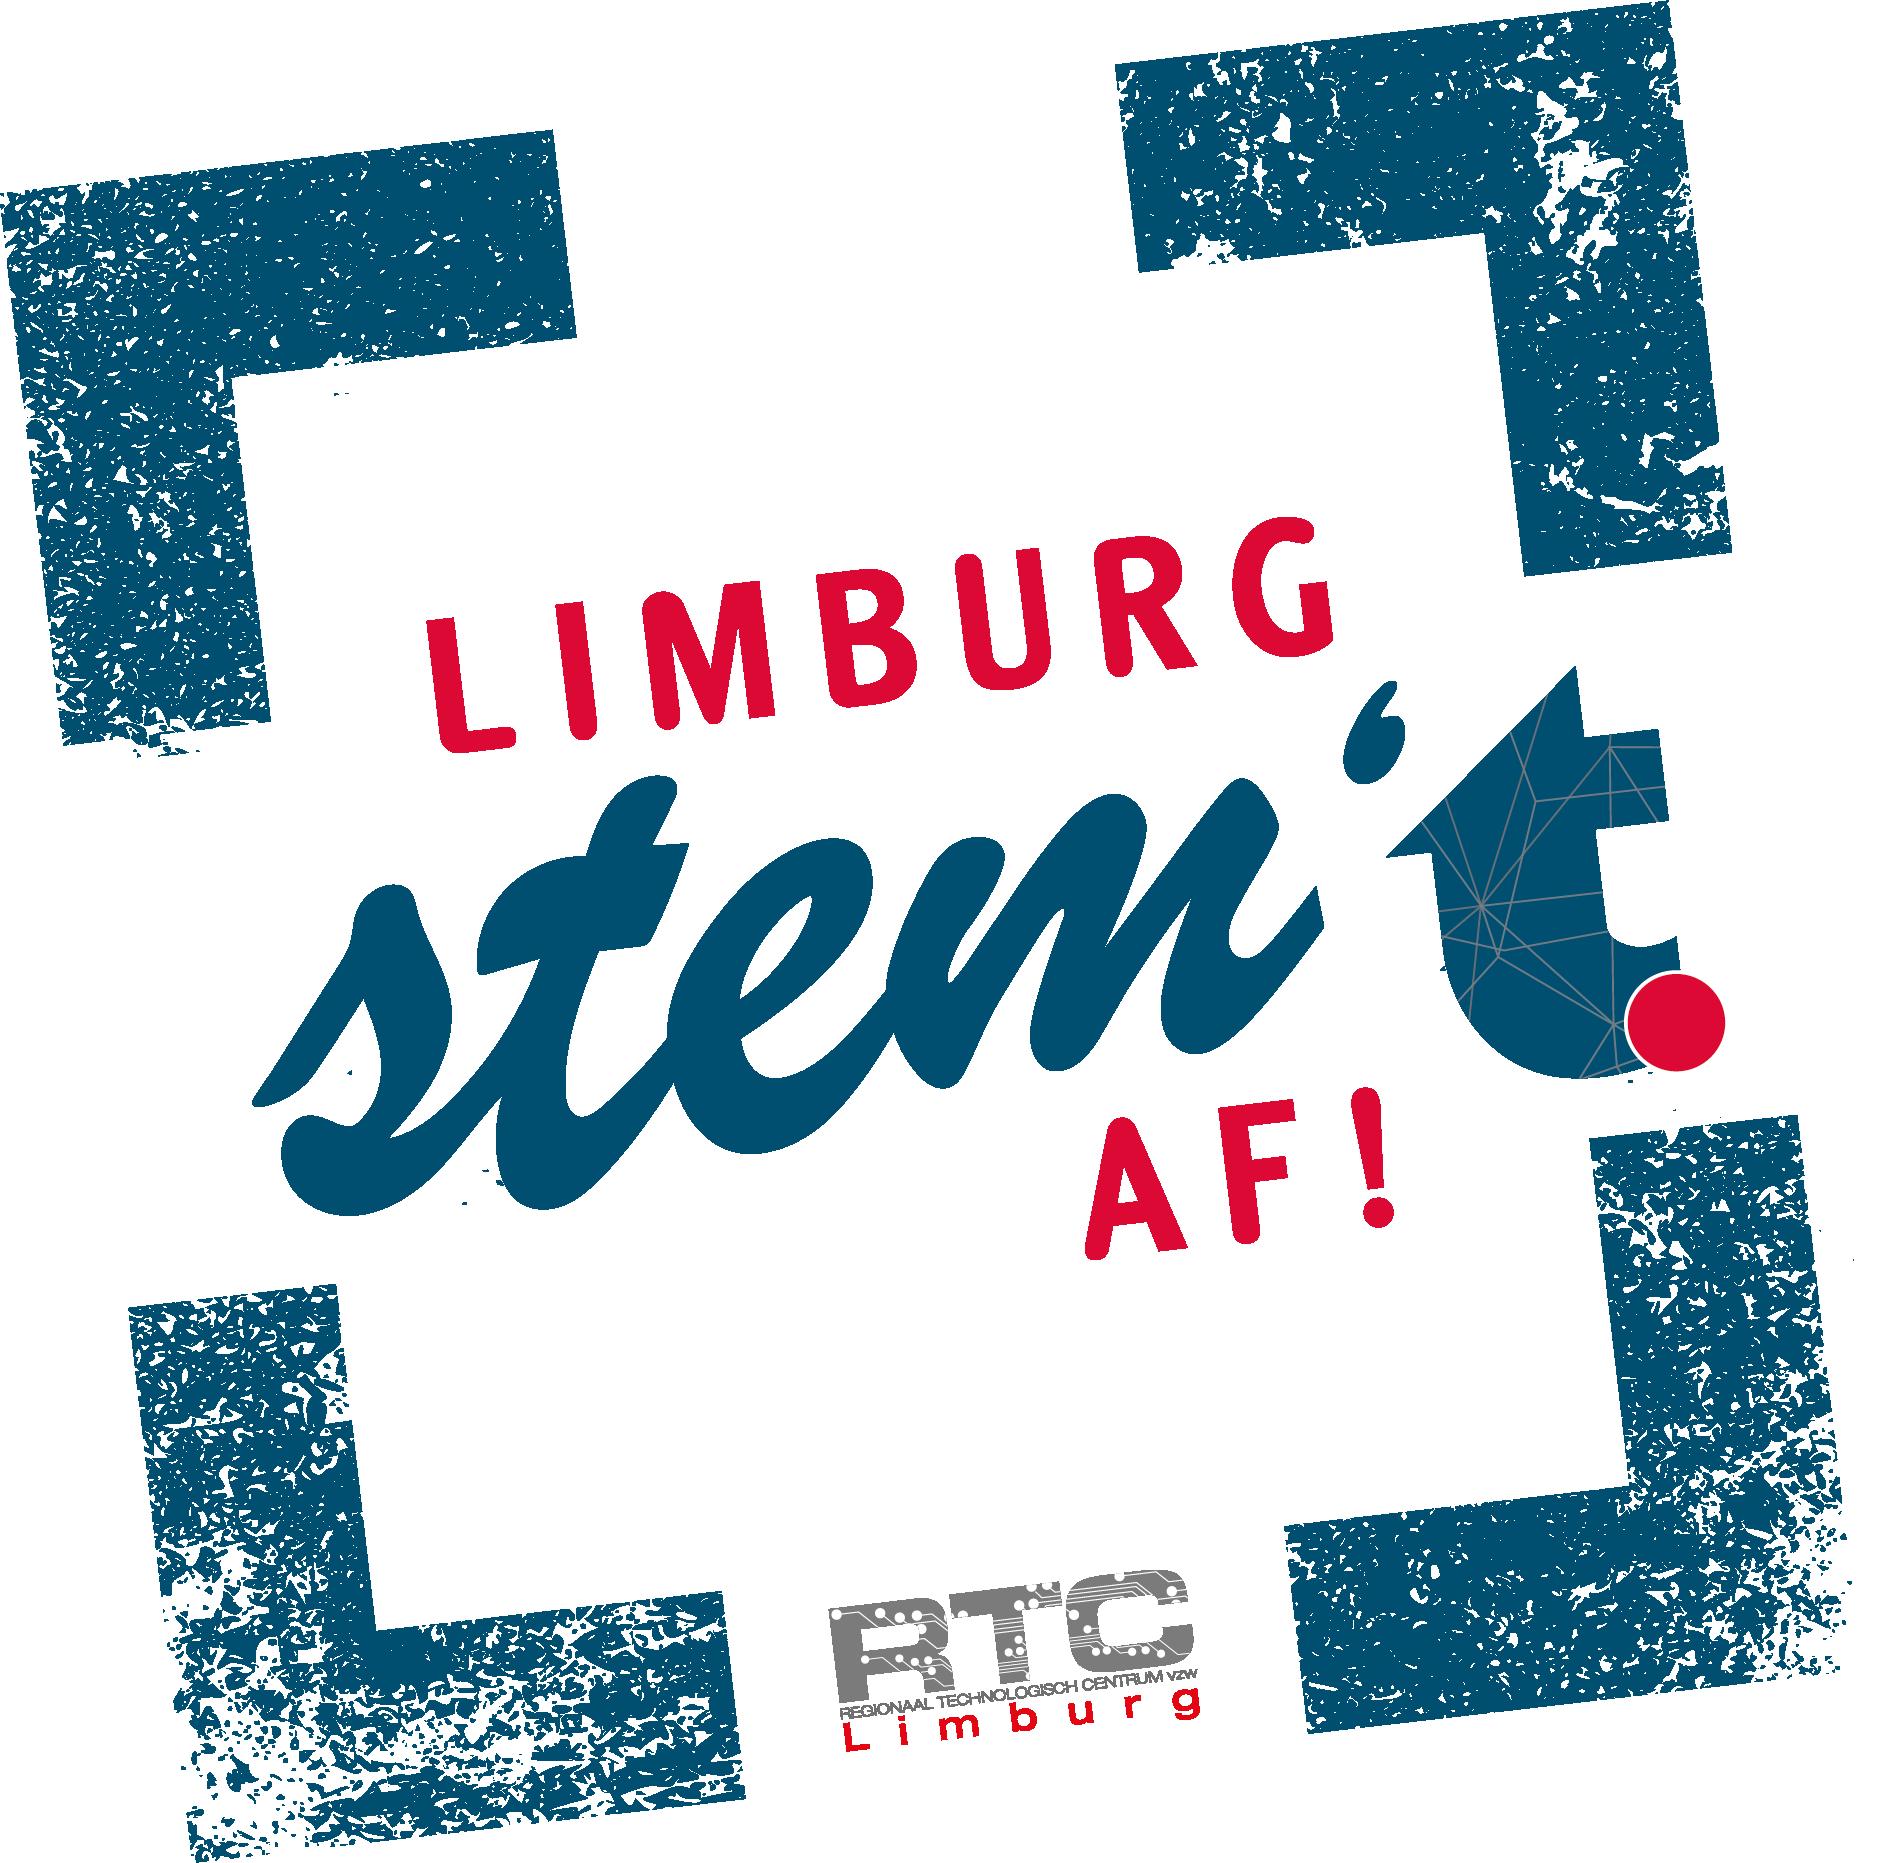 Limburg STEM't af! - RTC Limburg